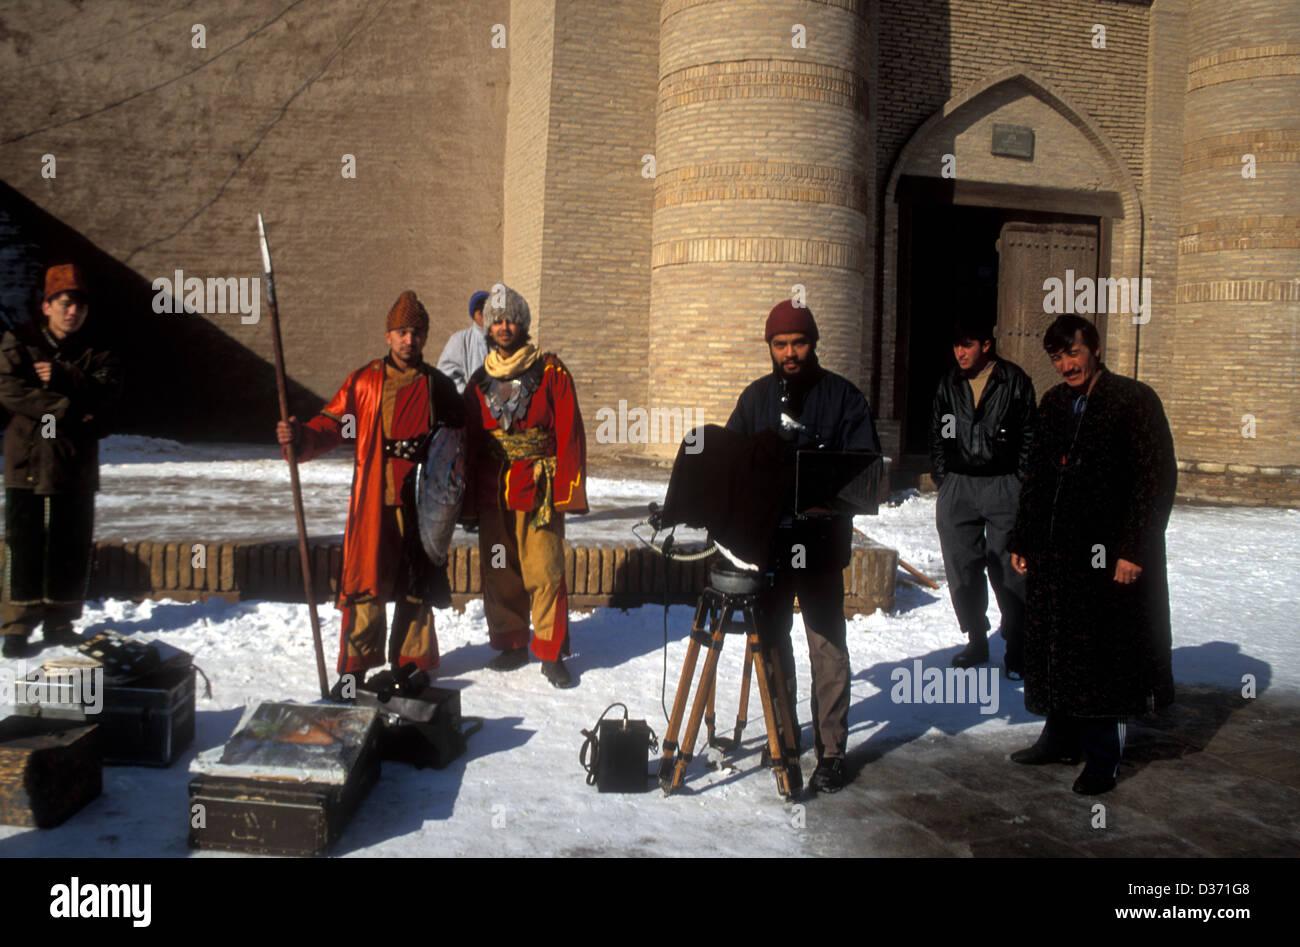 El rodaje de una película en Khiva, Uzbekistán Imagen De Stock